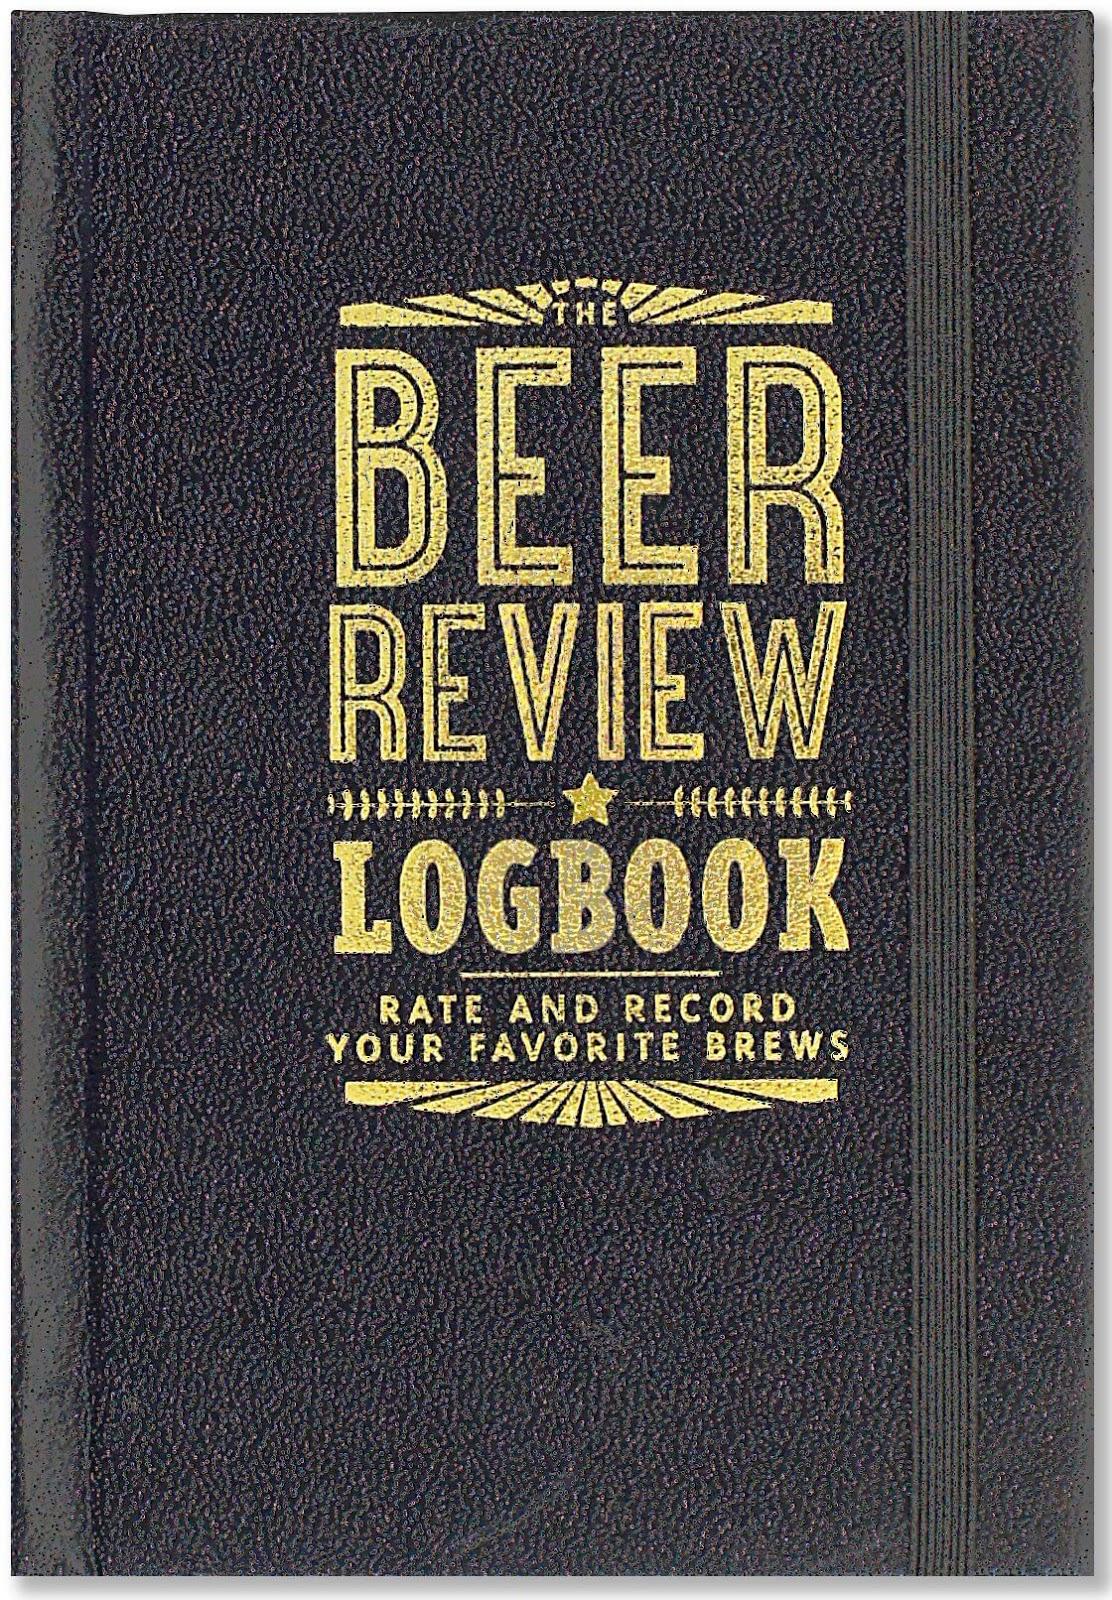 Beer Log Book